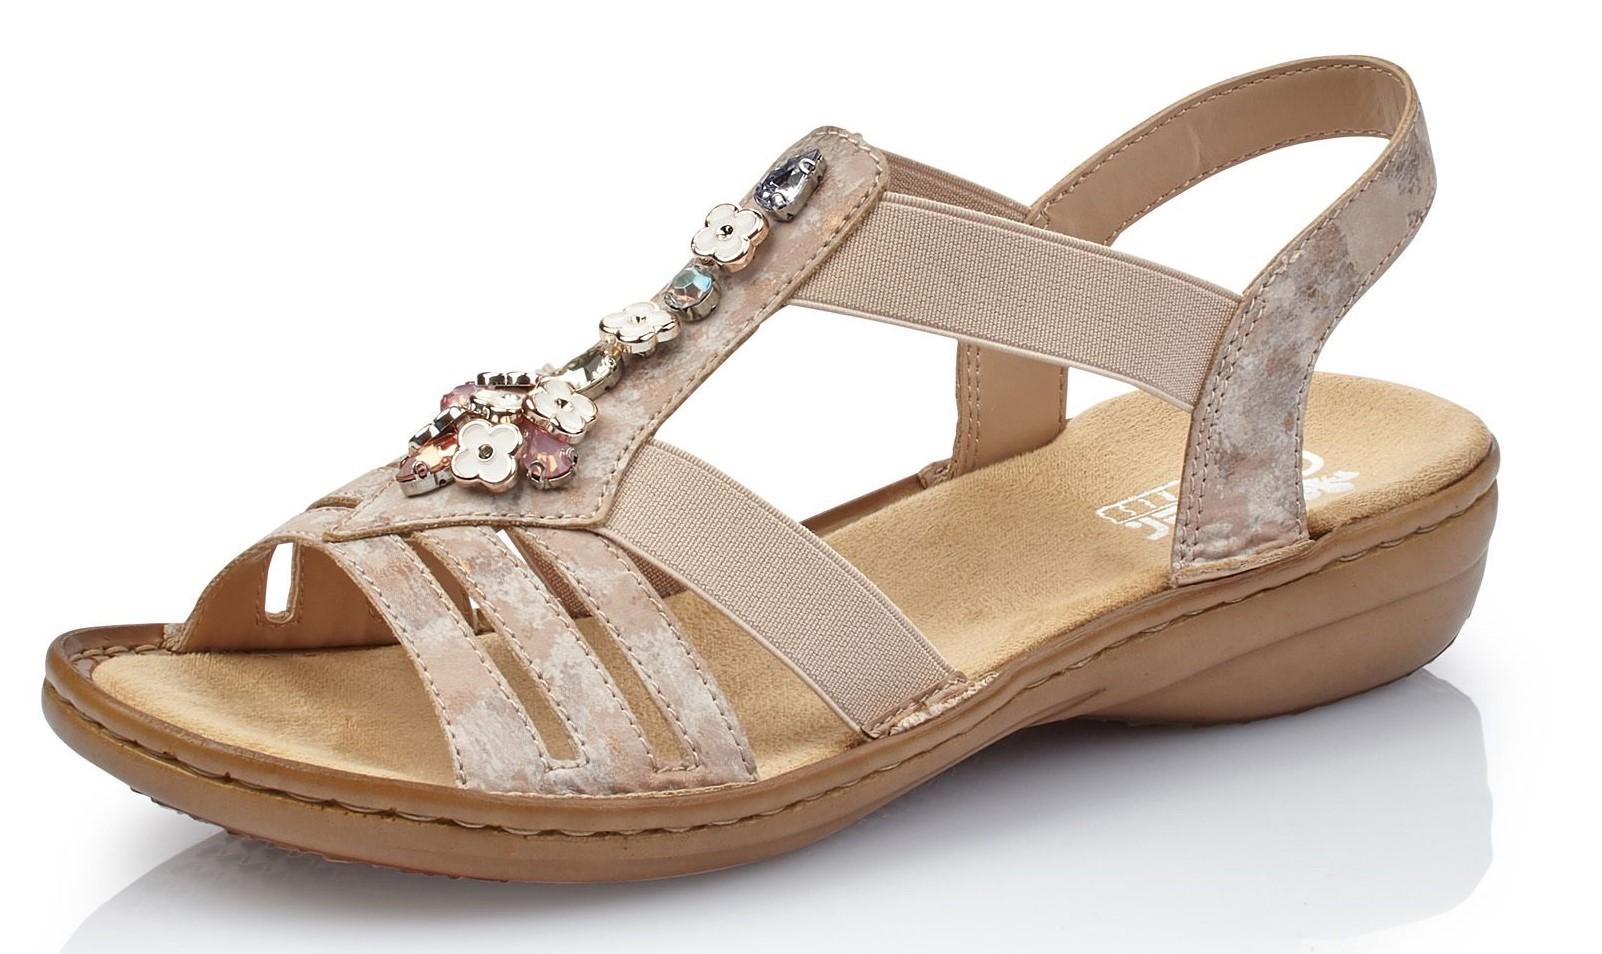 neues Design Junge Bestpreis rieker sandalen ebay